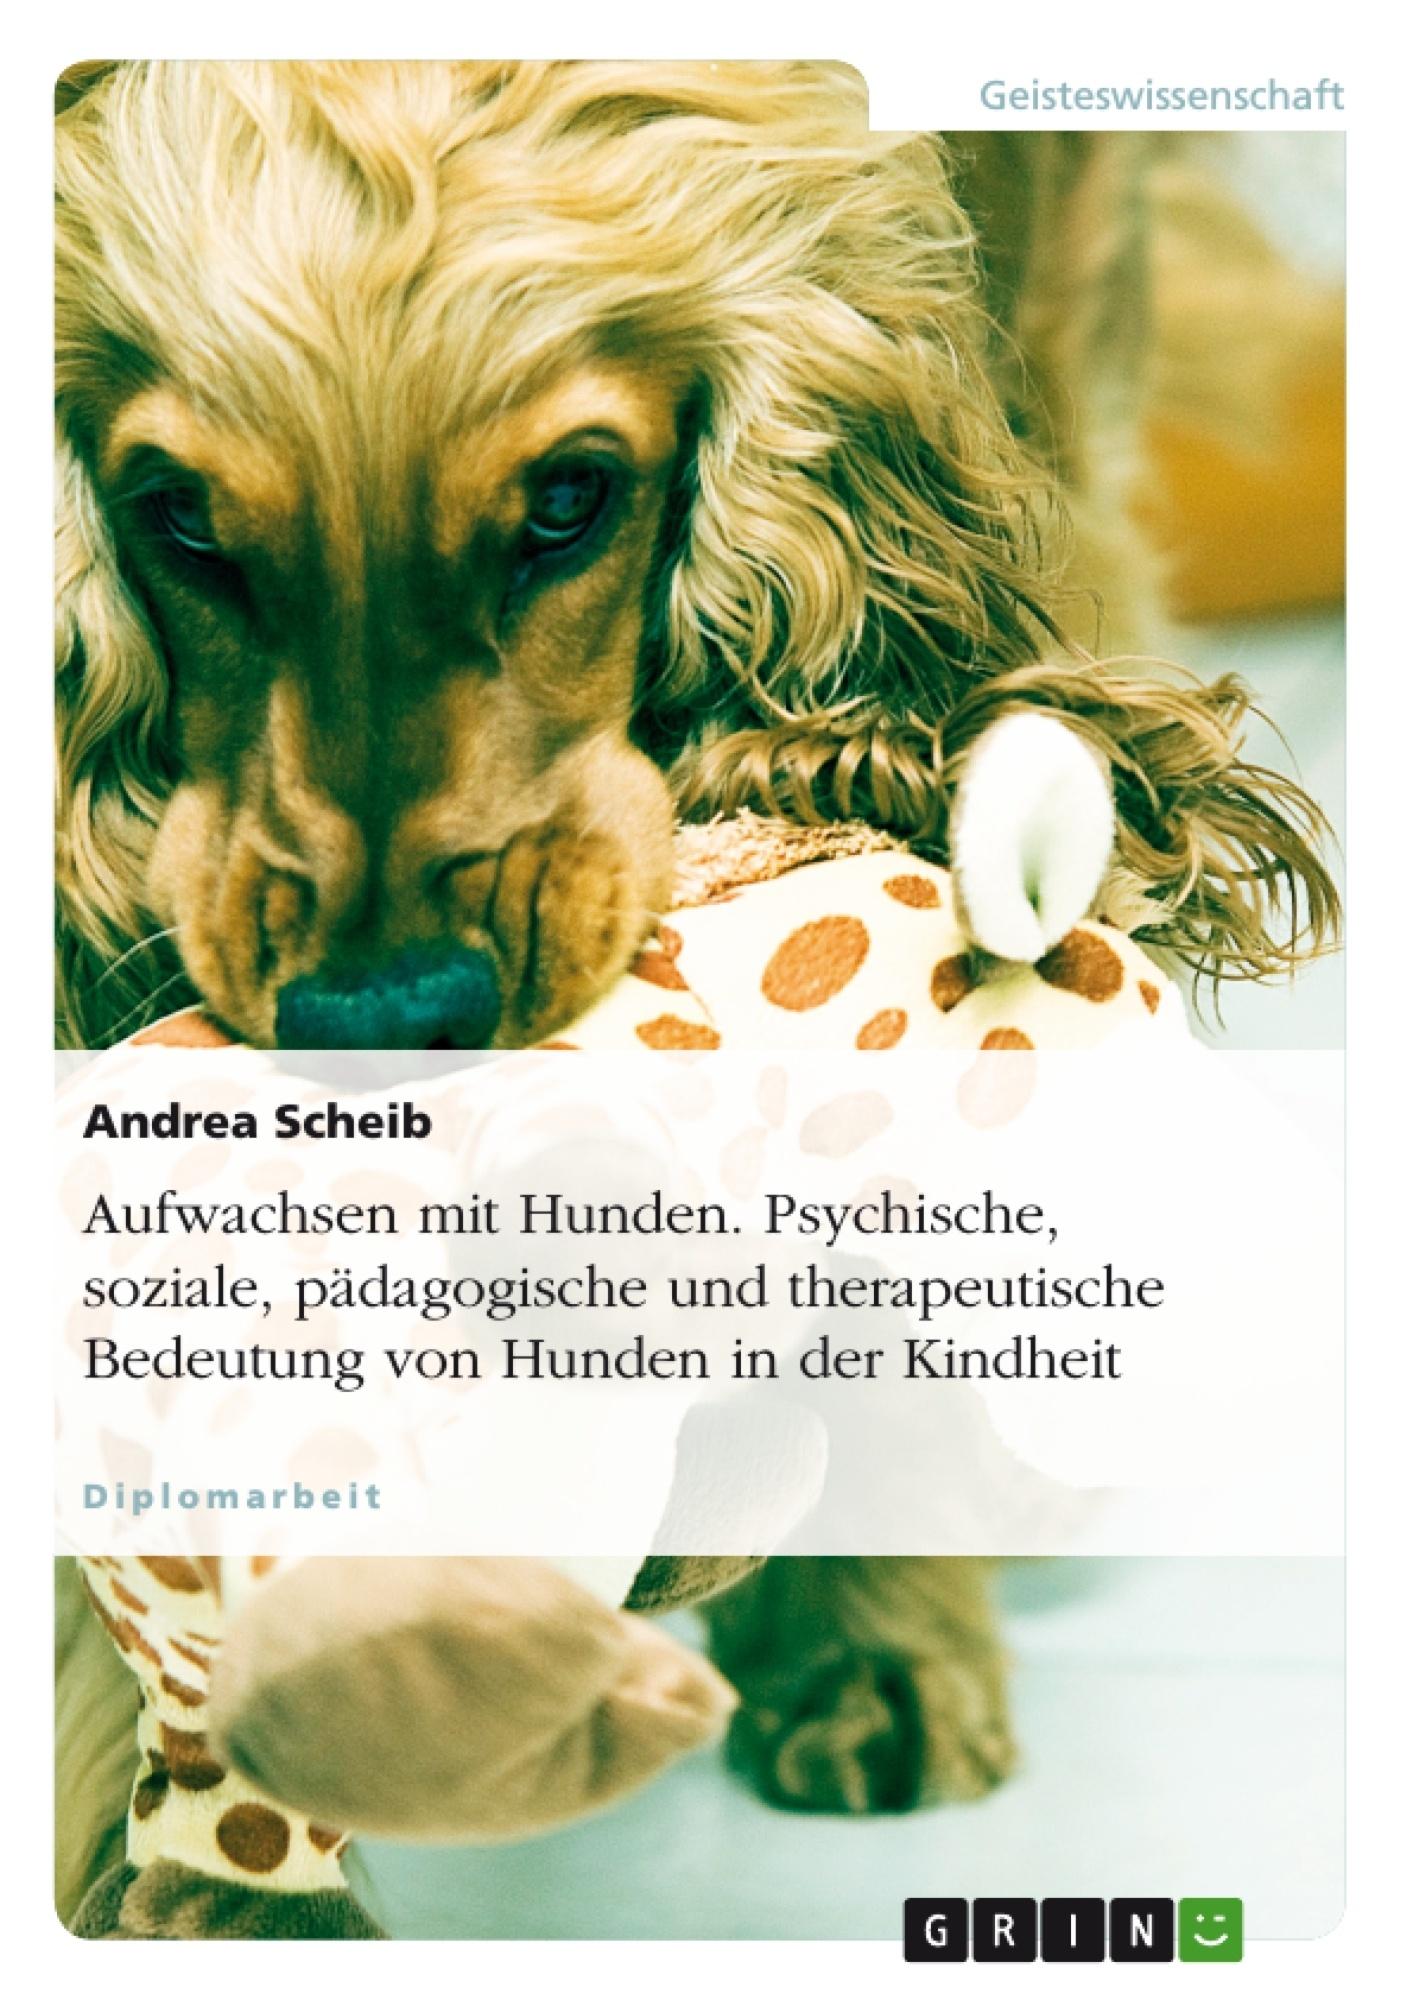 Titel: Aufwachsen mit Hunden. Psychische, soziale, pädagogische und therapeutische Bedeutung von Hunden in der Kindheit